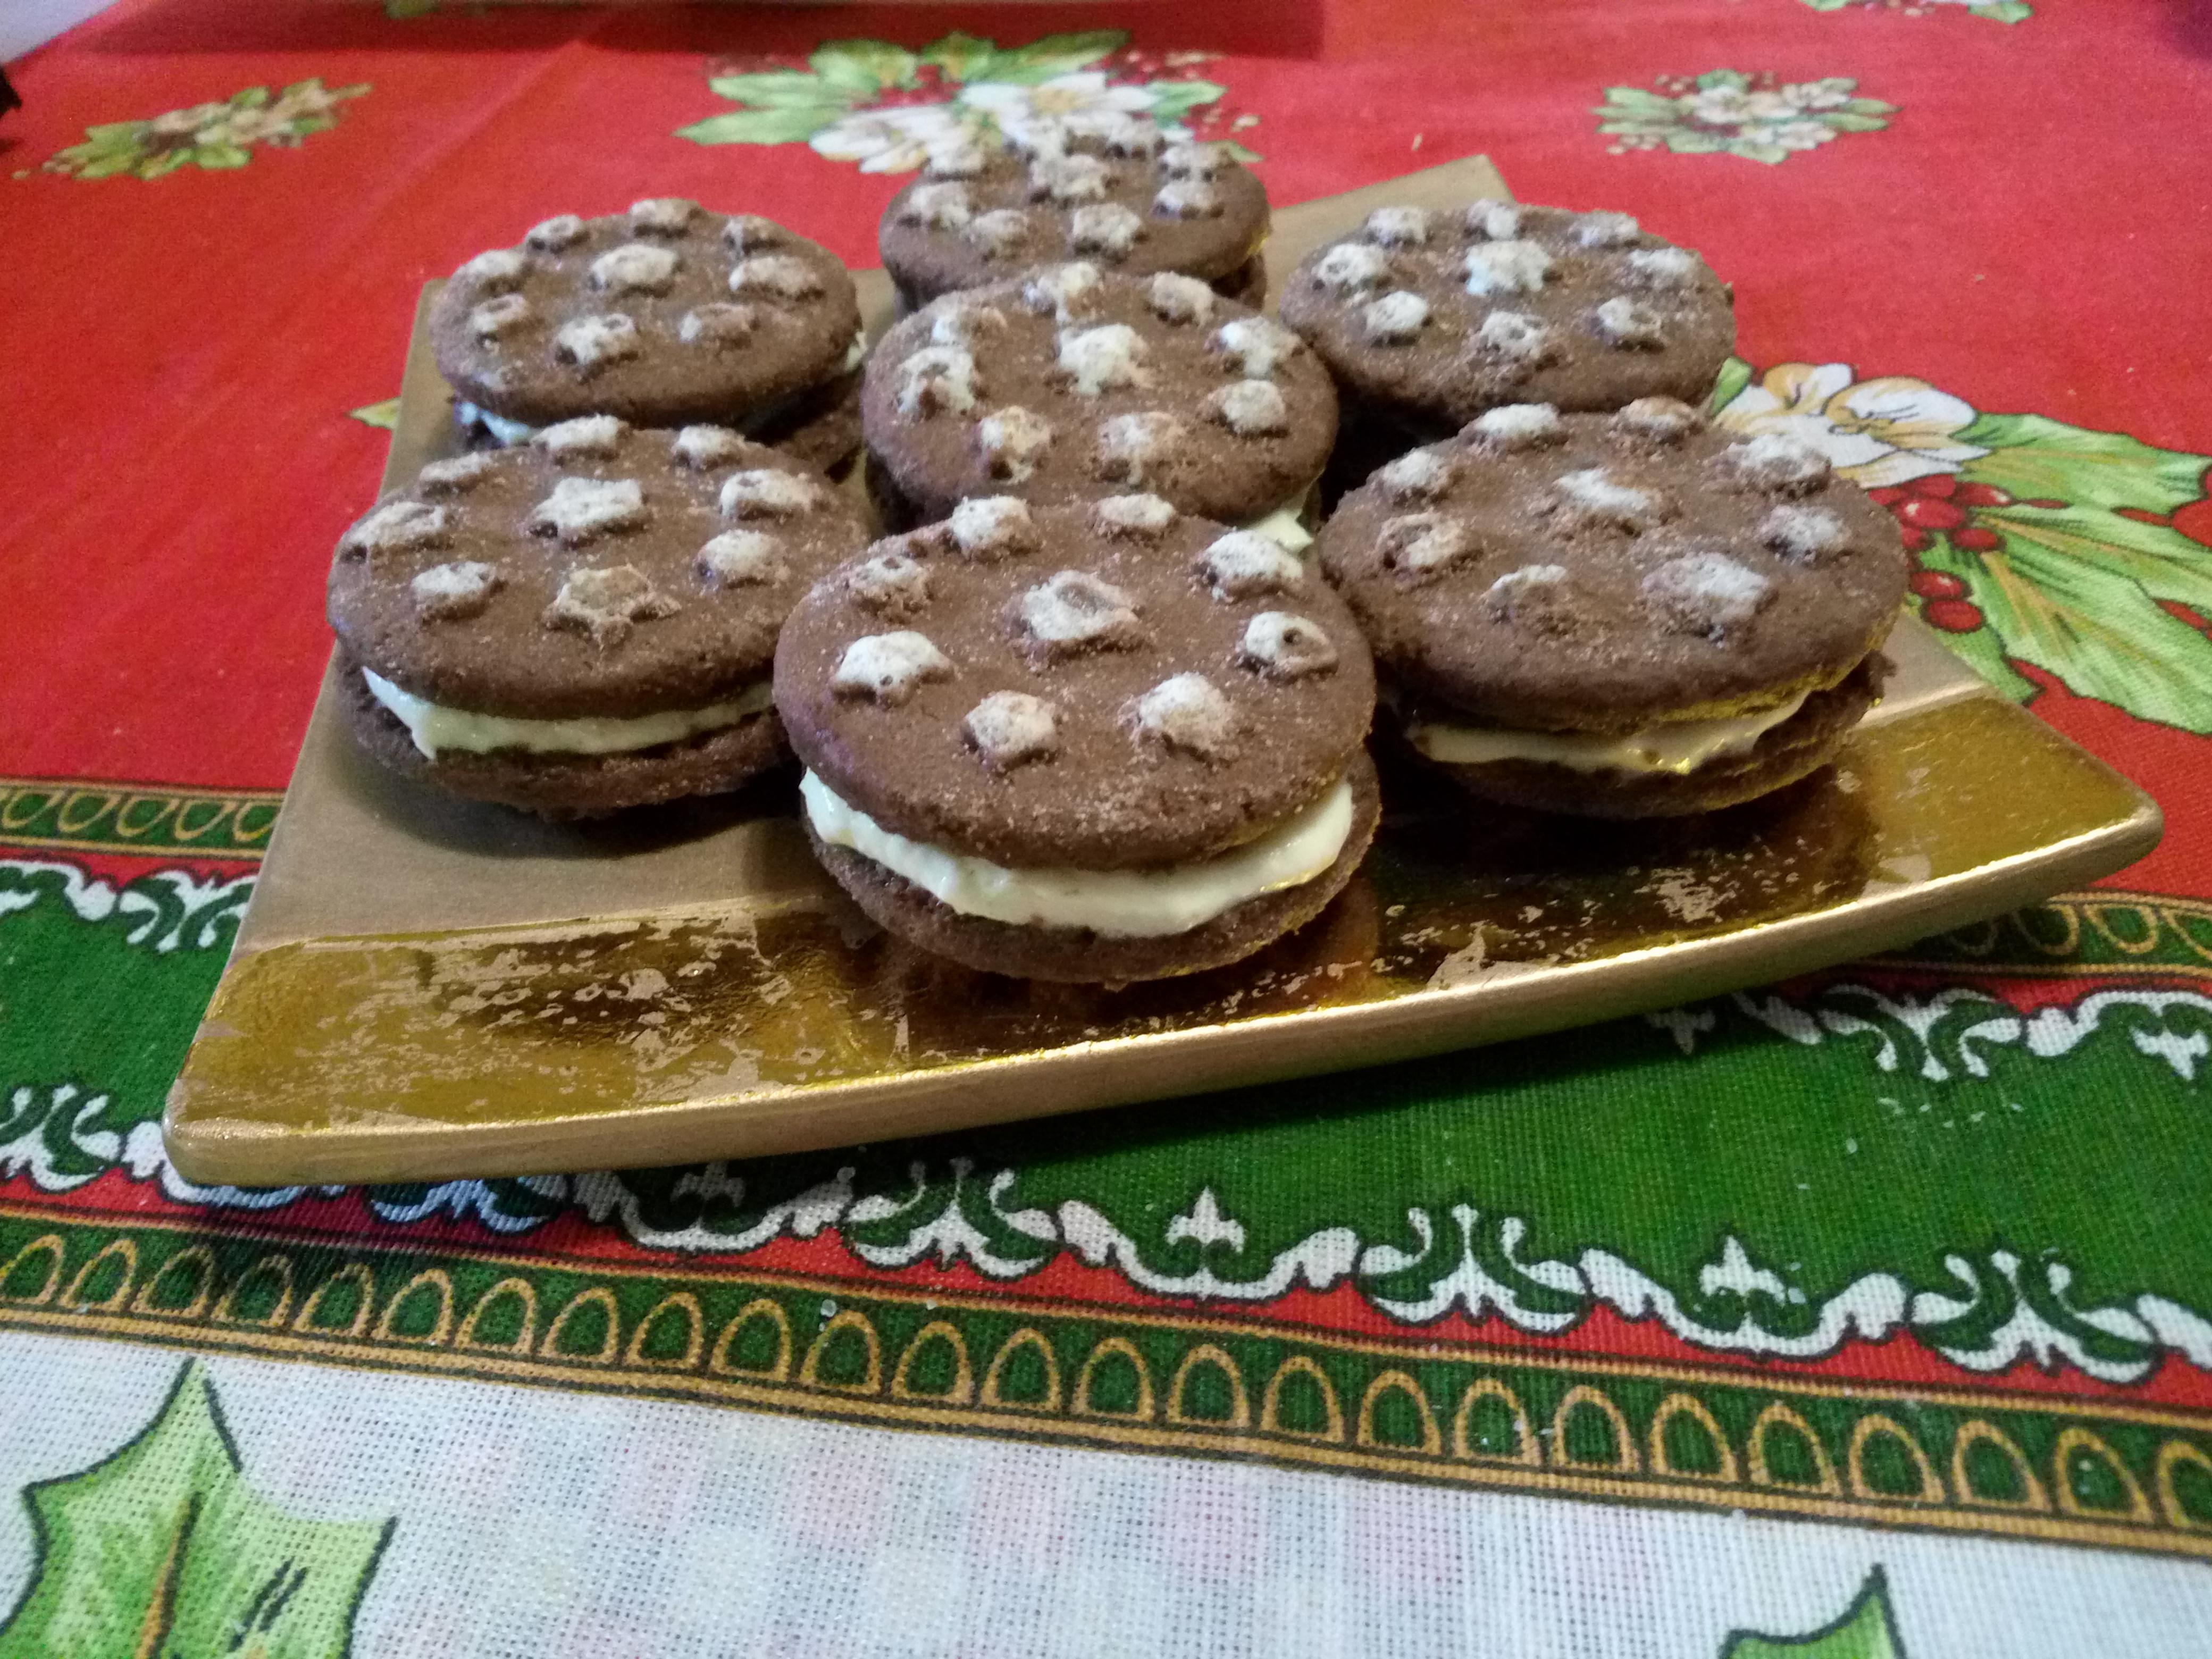 Biscotti farciti con crema al mascarpone, caffè e Nutella: idea svuotafrigo!